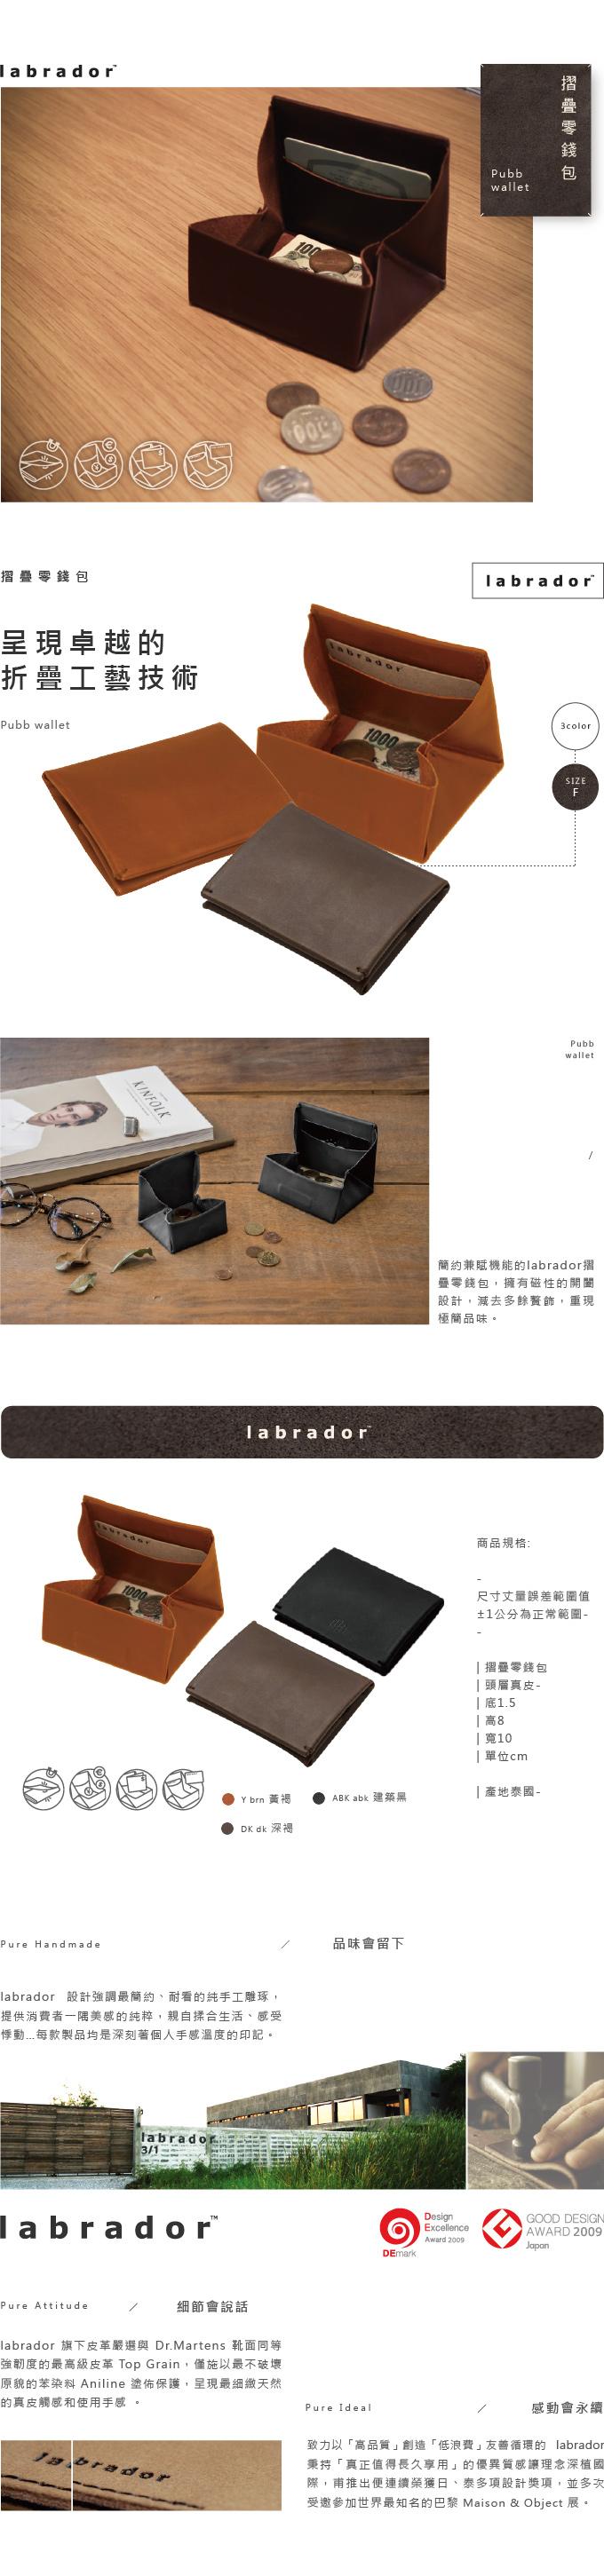 (複製)labrador|黃褐-摺疊零錢包